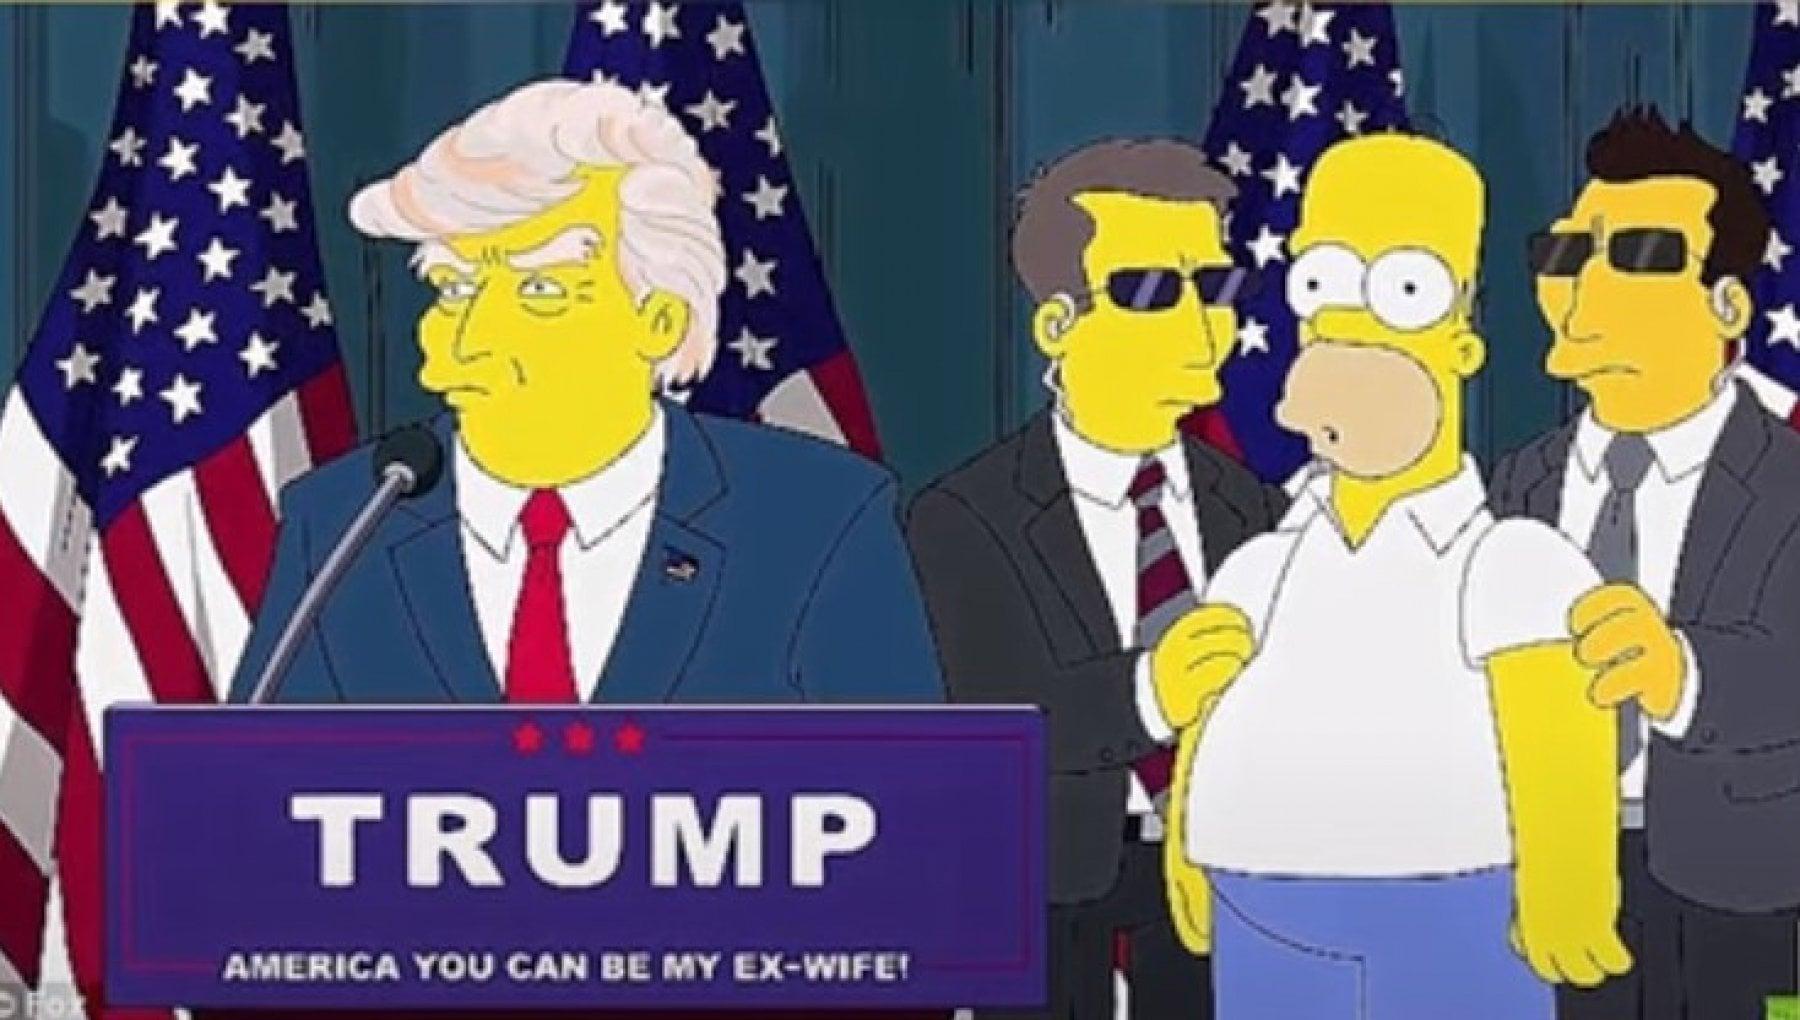 Assalto al Congresso Usa e se i Simpson avessero previsto tutto